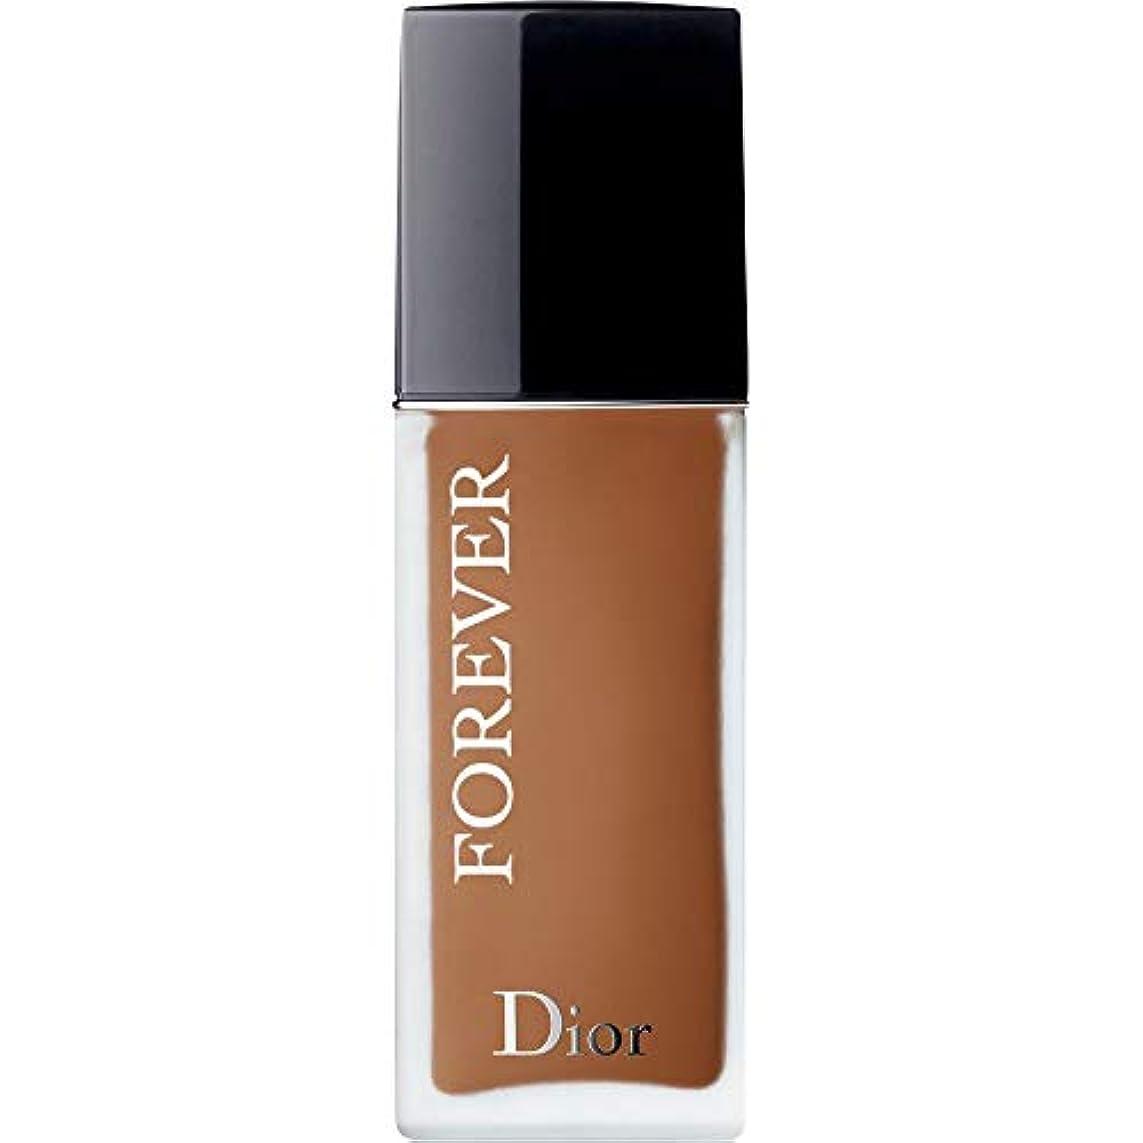 暗いアレルギー性寝る[Dior ] ディオール永遠皮膚思いやりの基盤Spf35 30ミリリットルの6N - ニュートラル(つや消し) - DIOR Forever Skin-Caring Foundation SPF35 30ml 6N - Neutral (Matte) [並行輸入品]